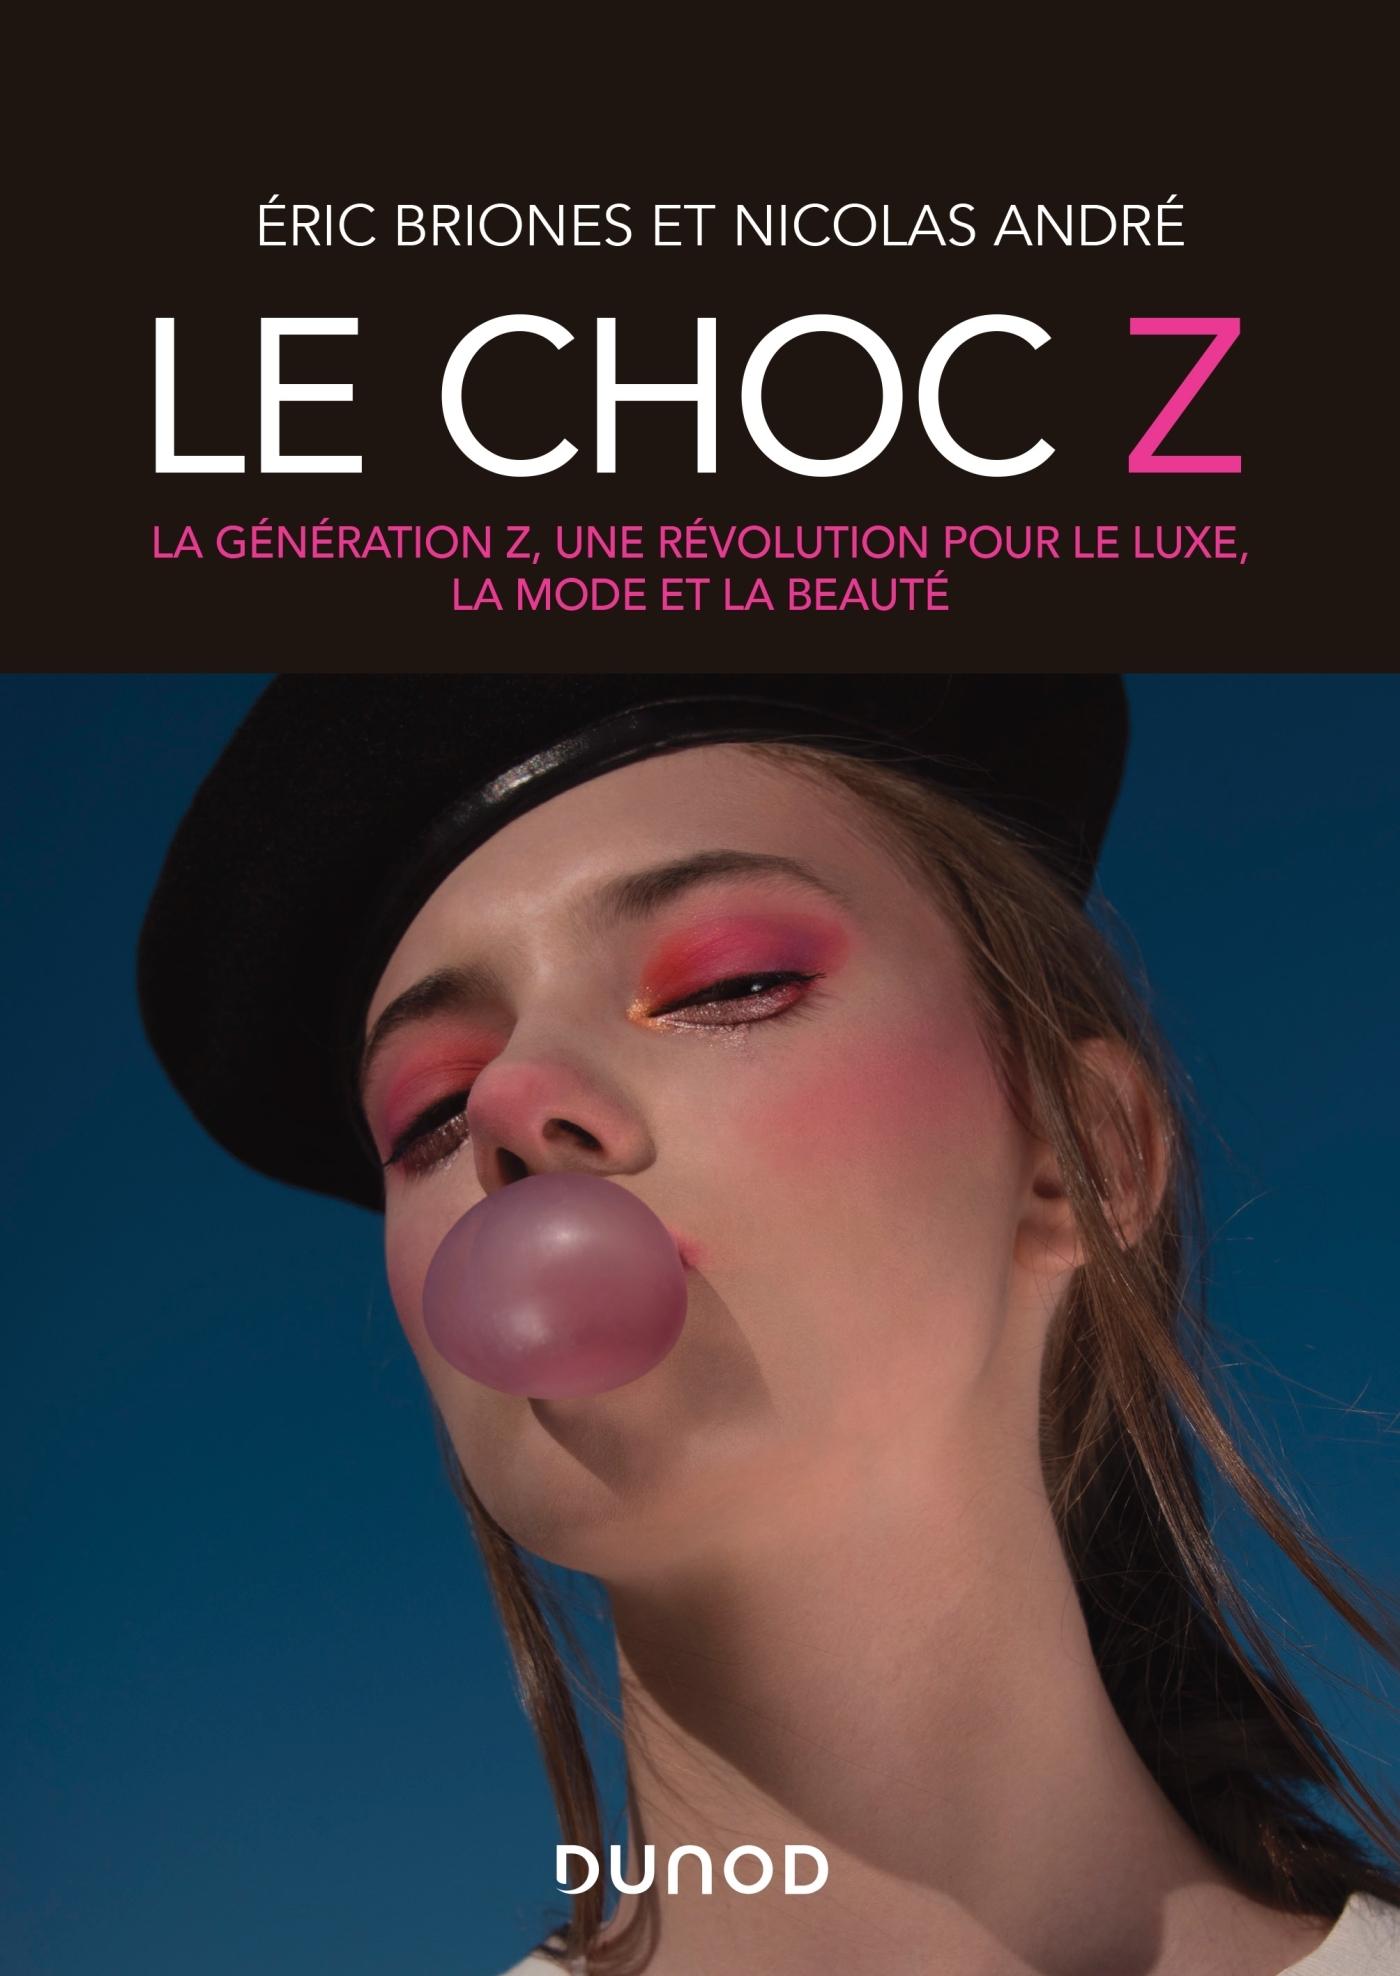 LE CHOC Z - LA GENERATION Z, UNE REVOLUTION POUR LE LUXE, LA MODE ET LA BEAUTE